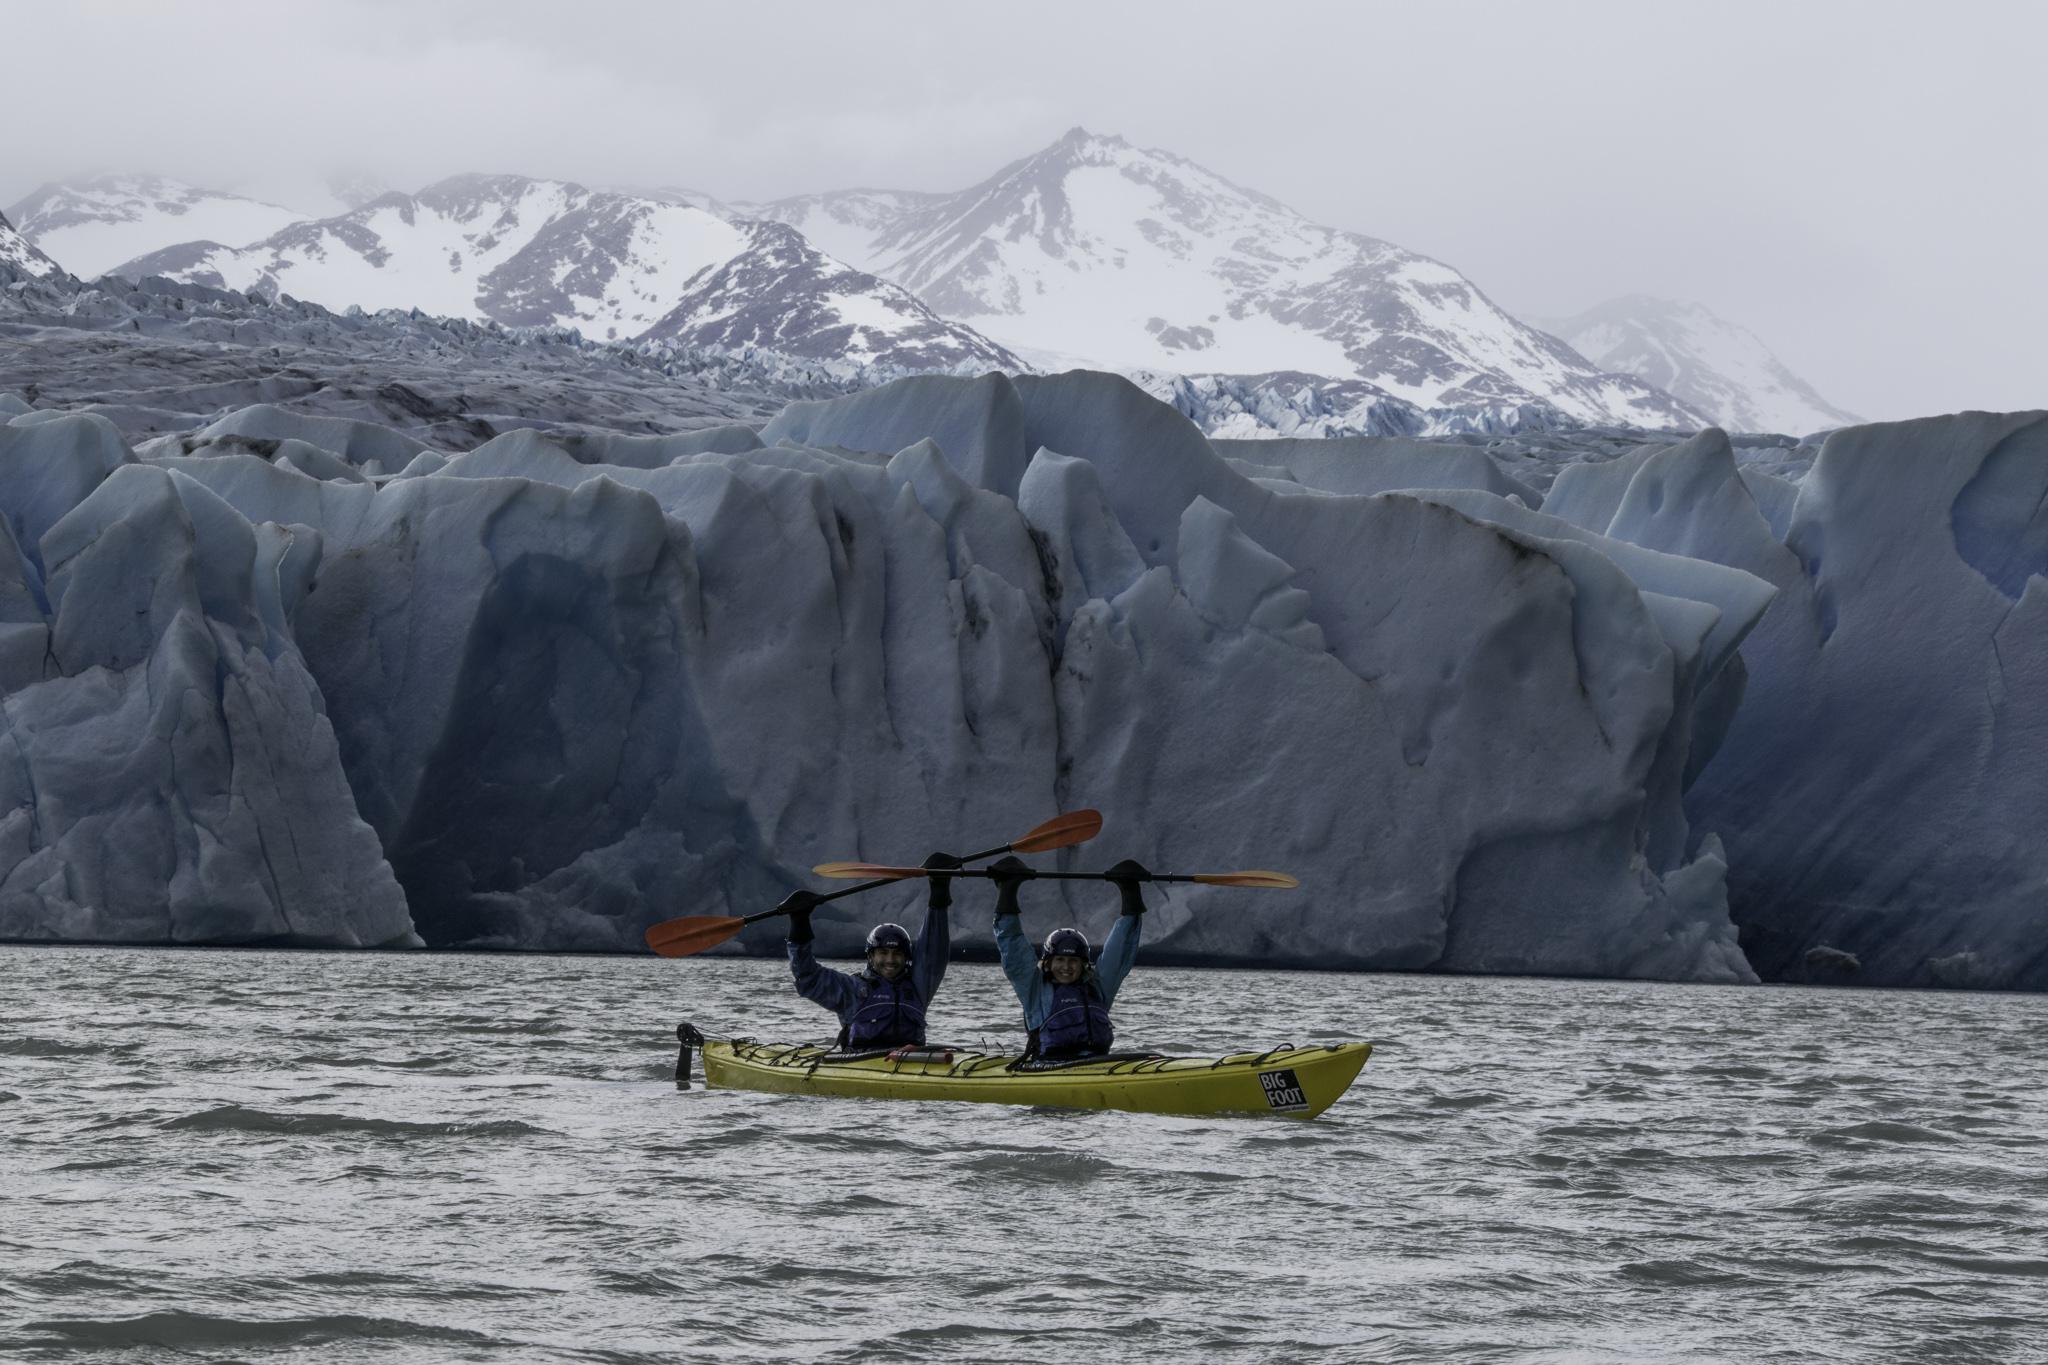 Kajaktour am Fusse des Gletschers